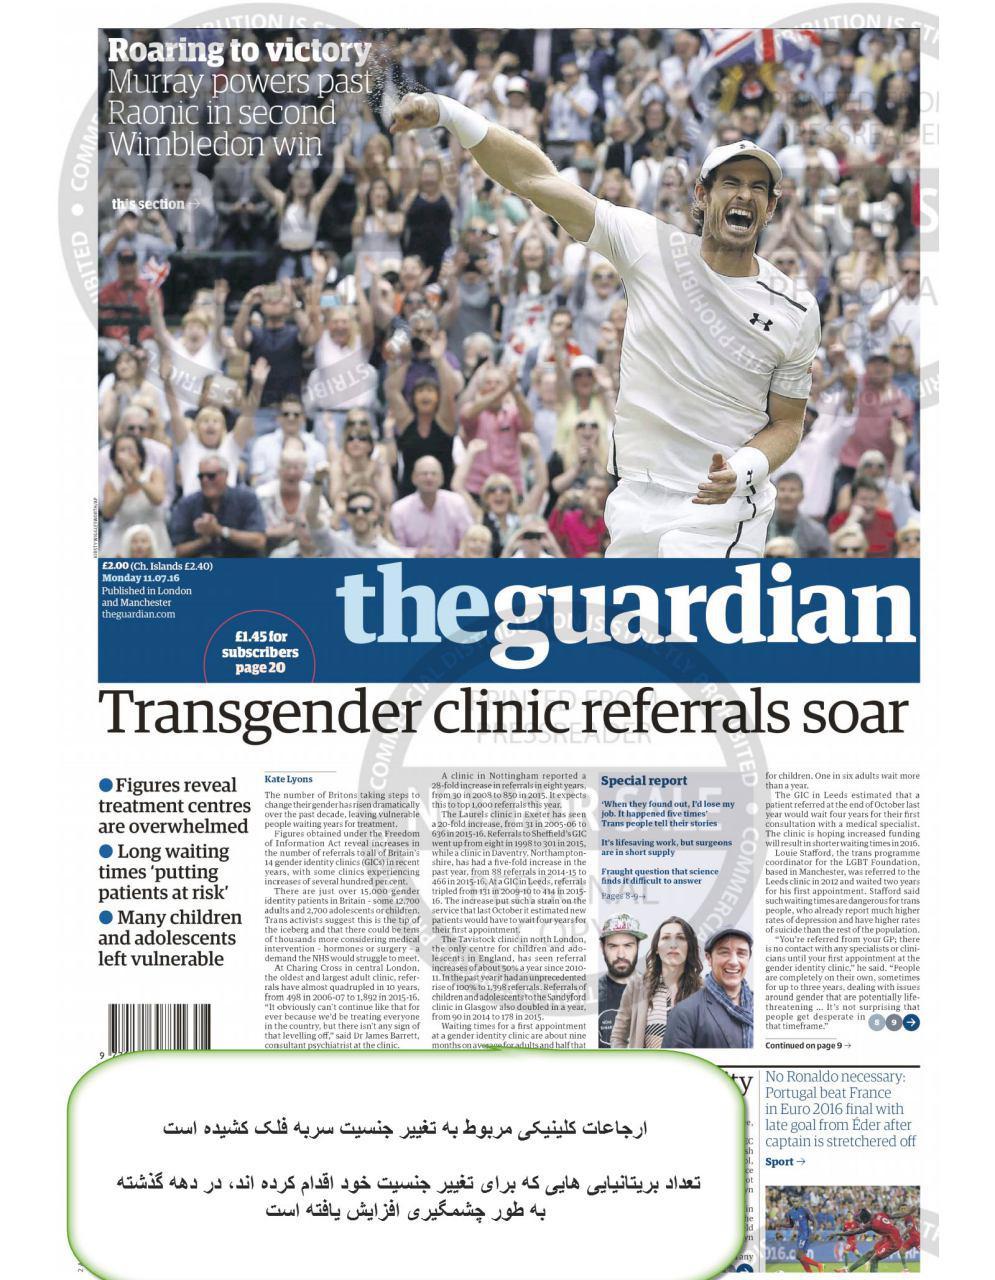 صفحه اول روزنامه گاردین انگلستان